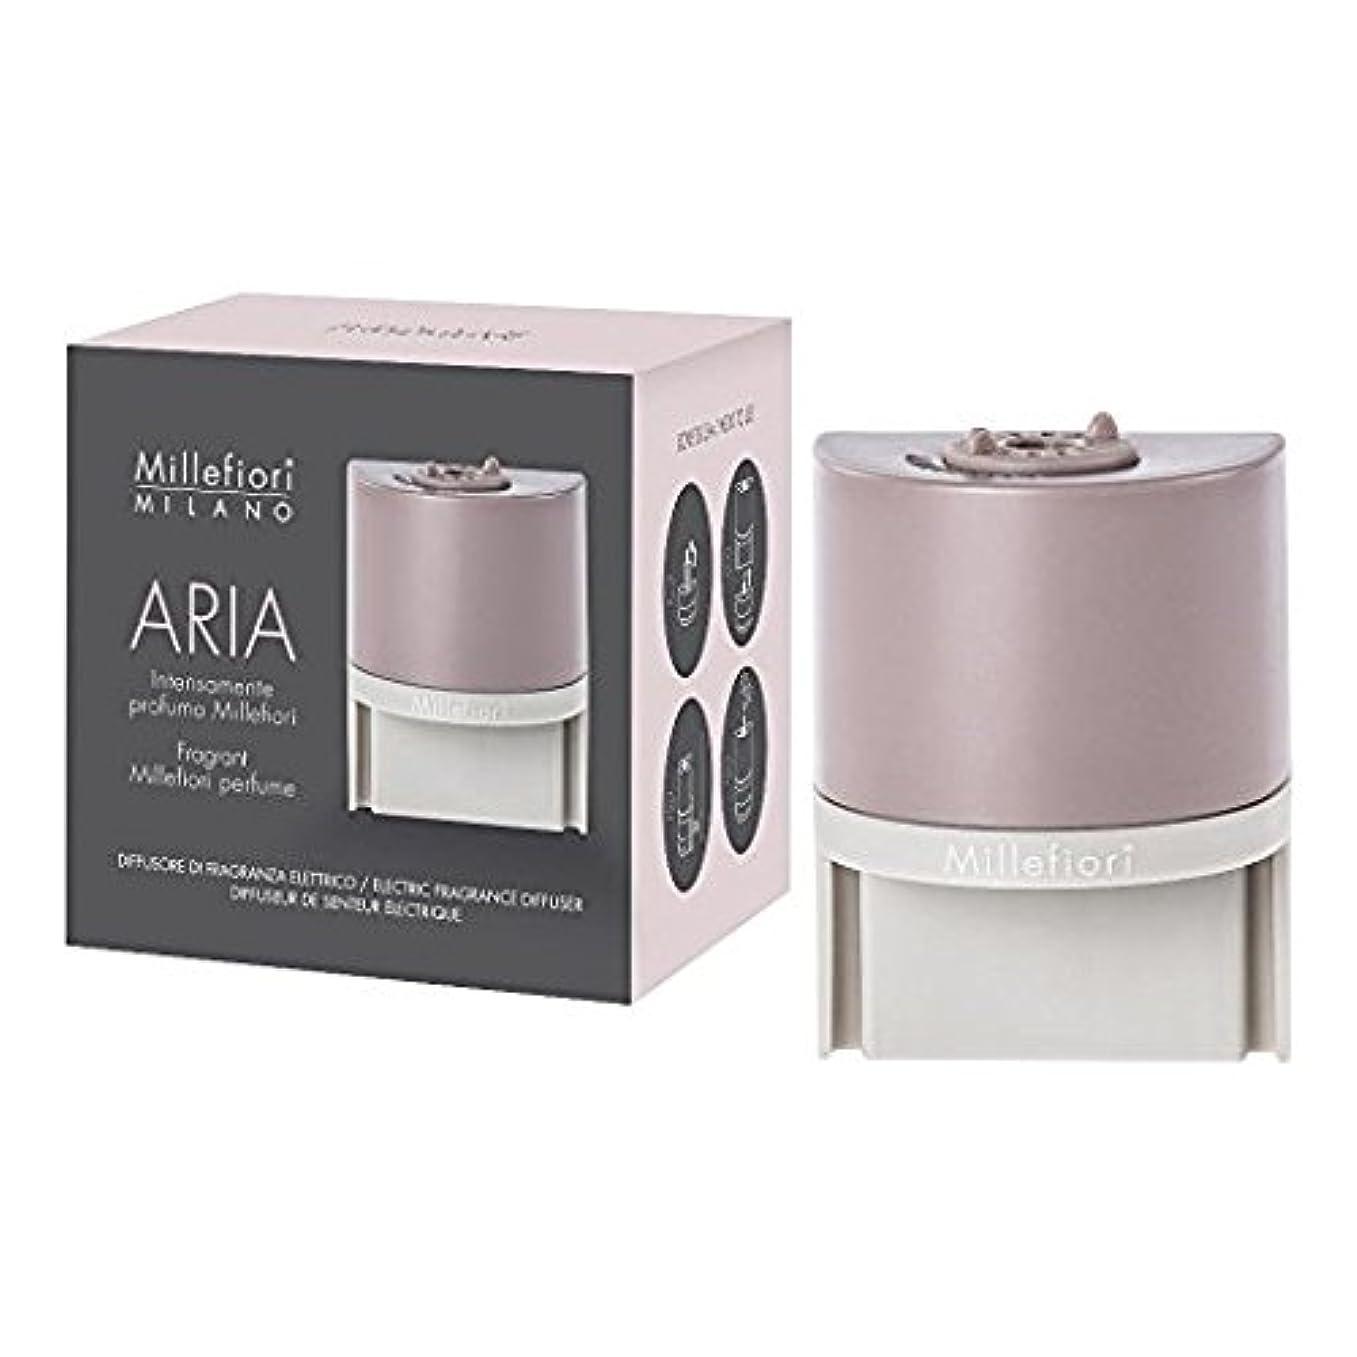 ヤング強制的薄暗いMillefiori ARIA 本体+リキッドセット プラグインディフューザー アロマ (ベルガモット)